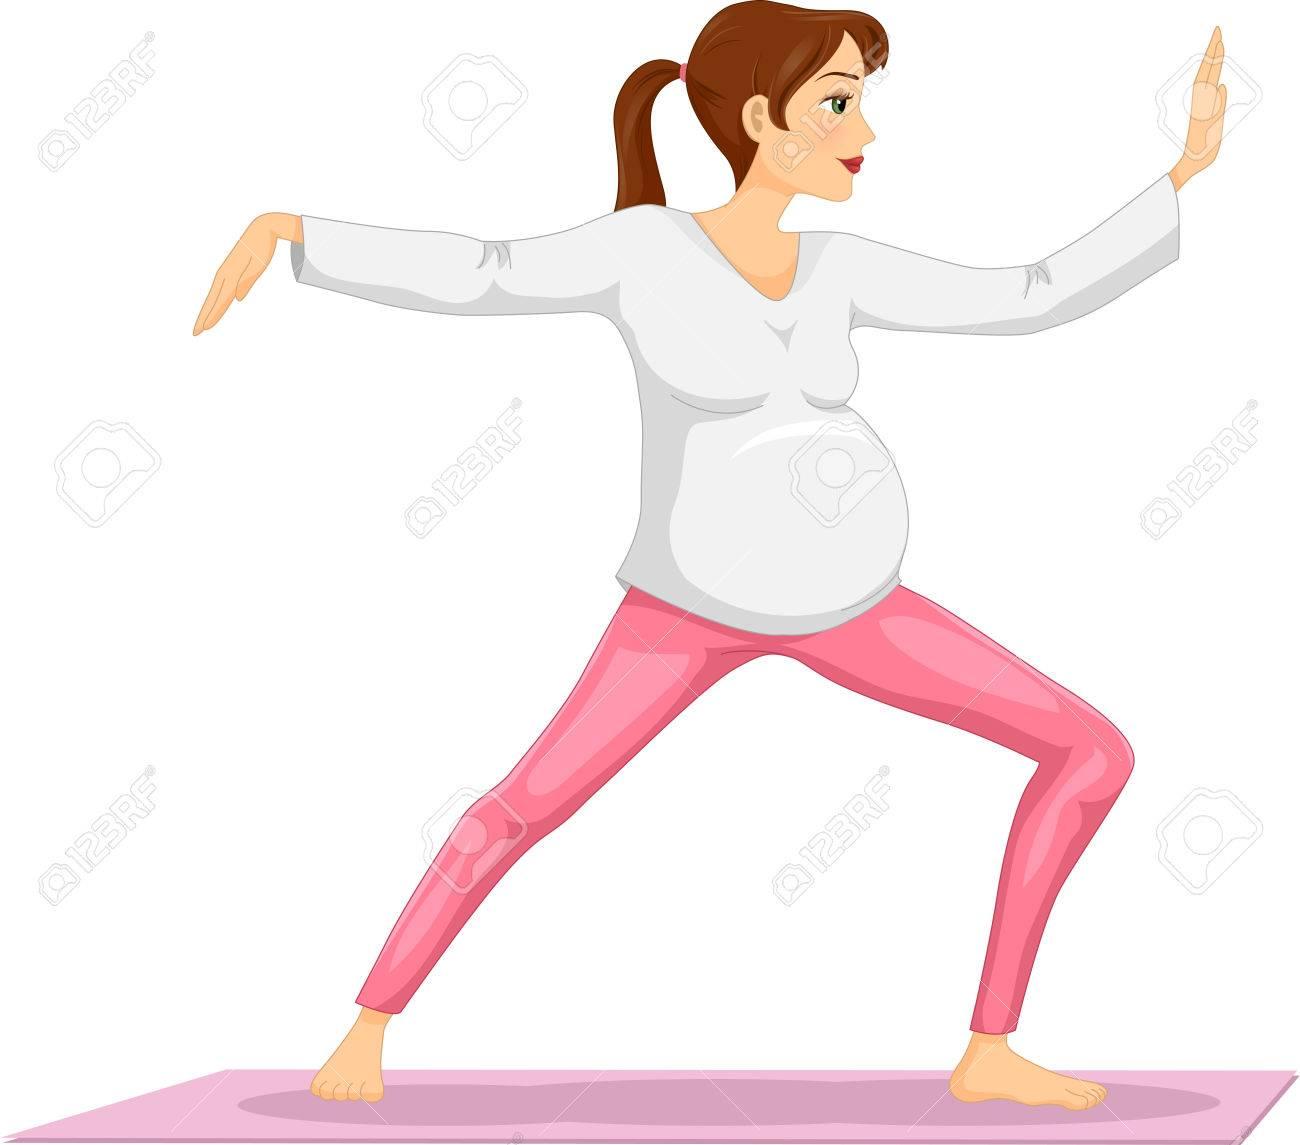 太極拳をやって妊娠中の女の子のイラスト の写真素材画像素材 Image